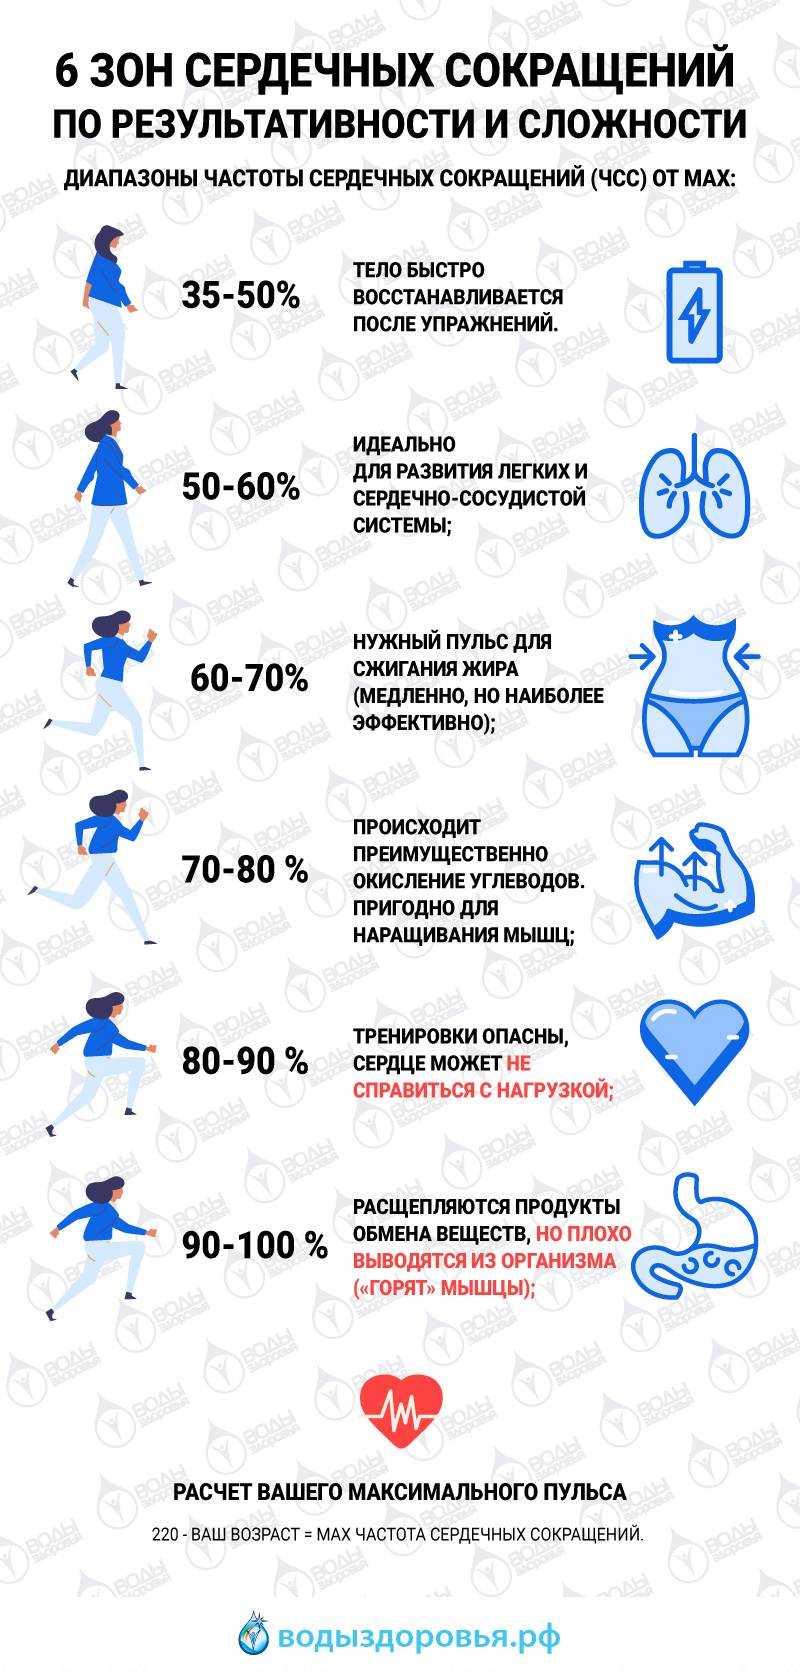 Гид по кардиотренировкам: кому, зачем, сколько, когда